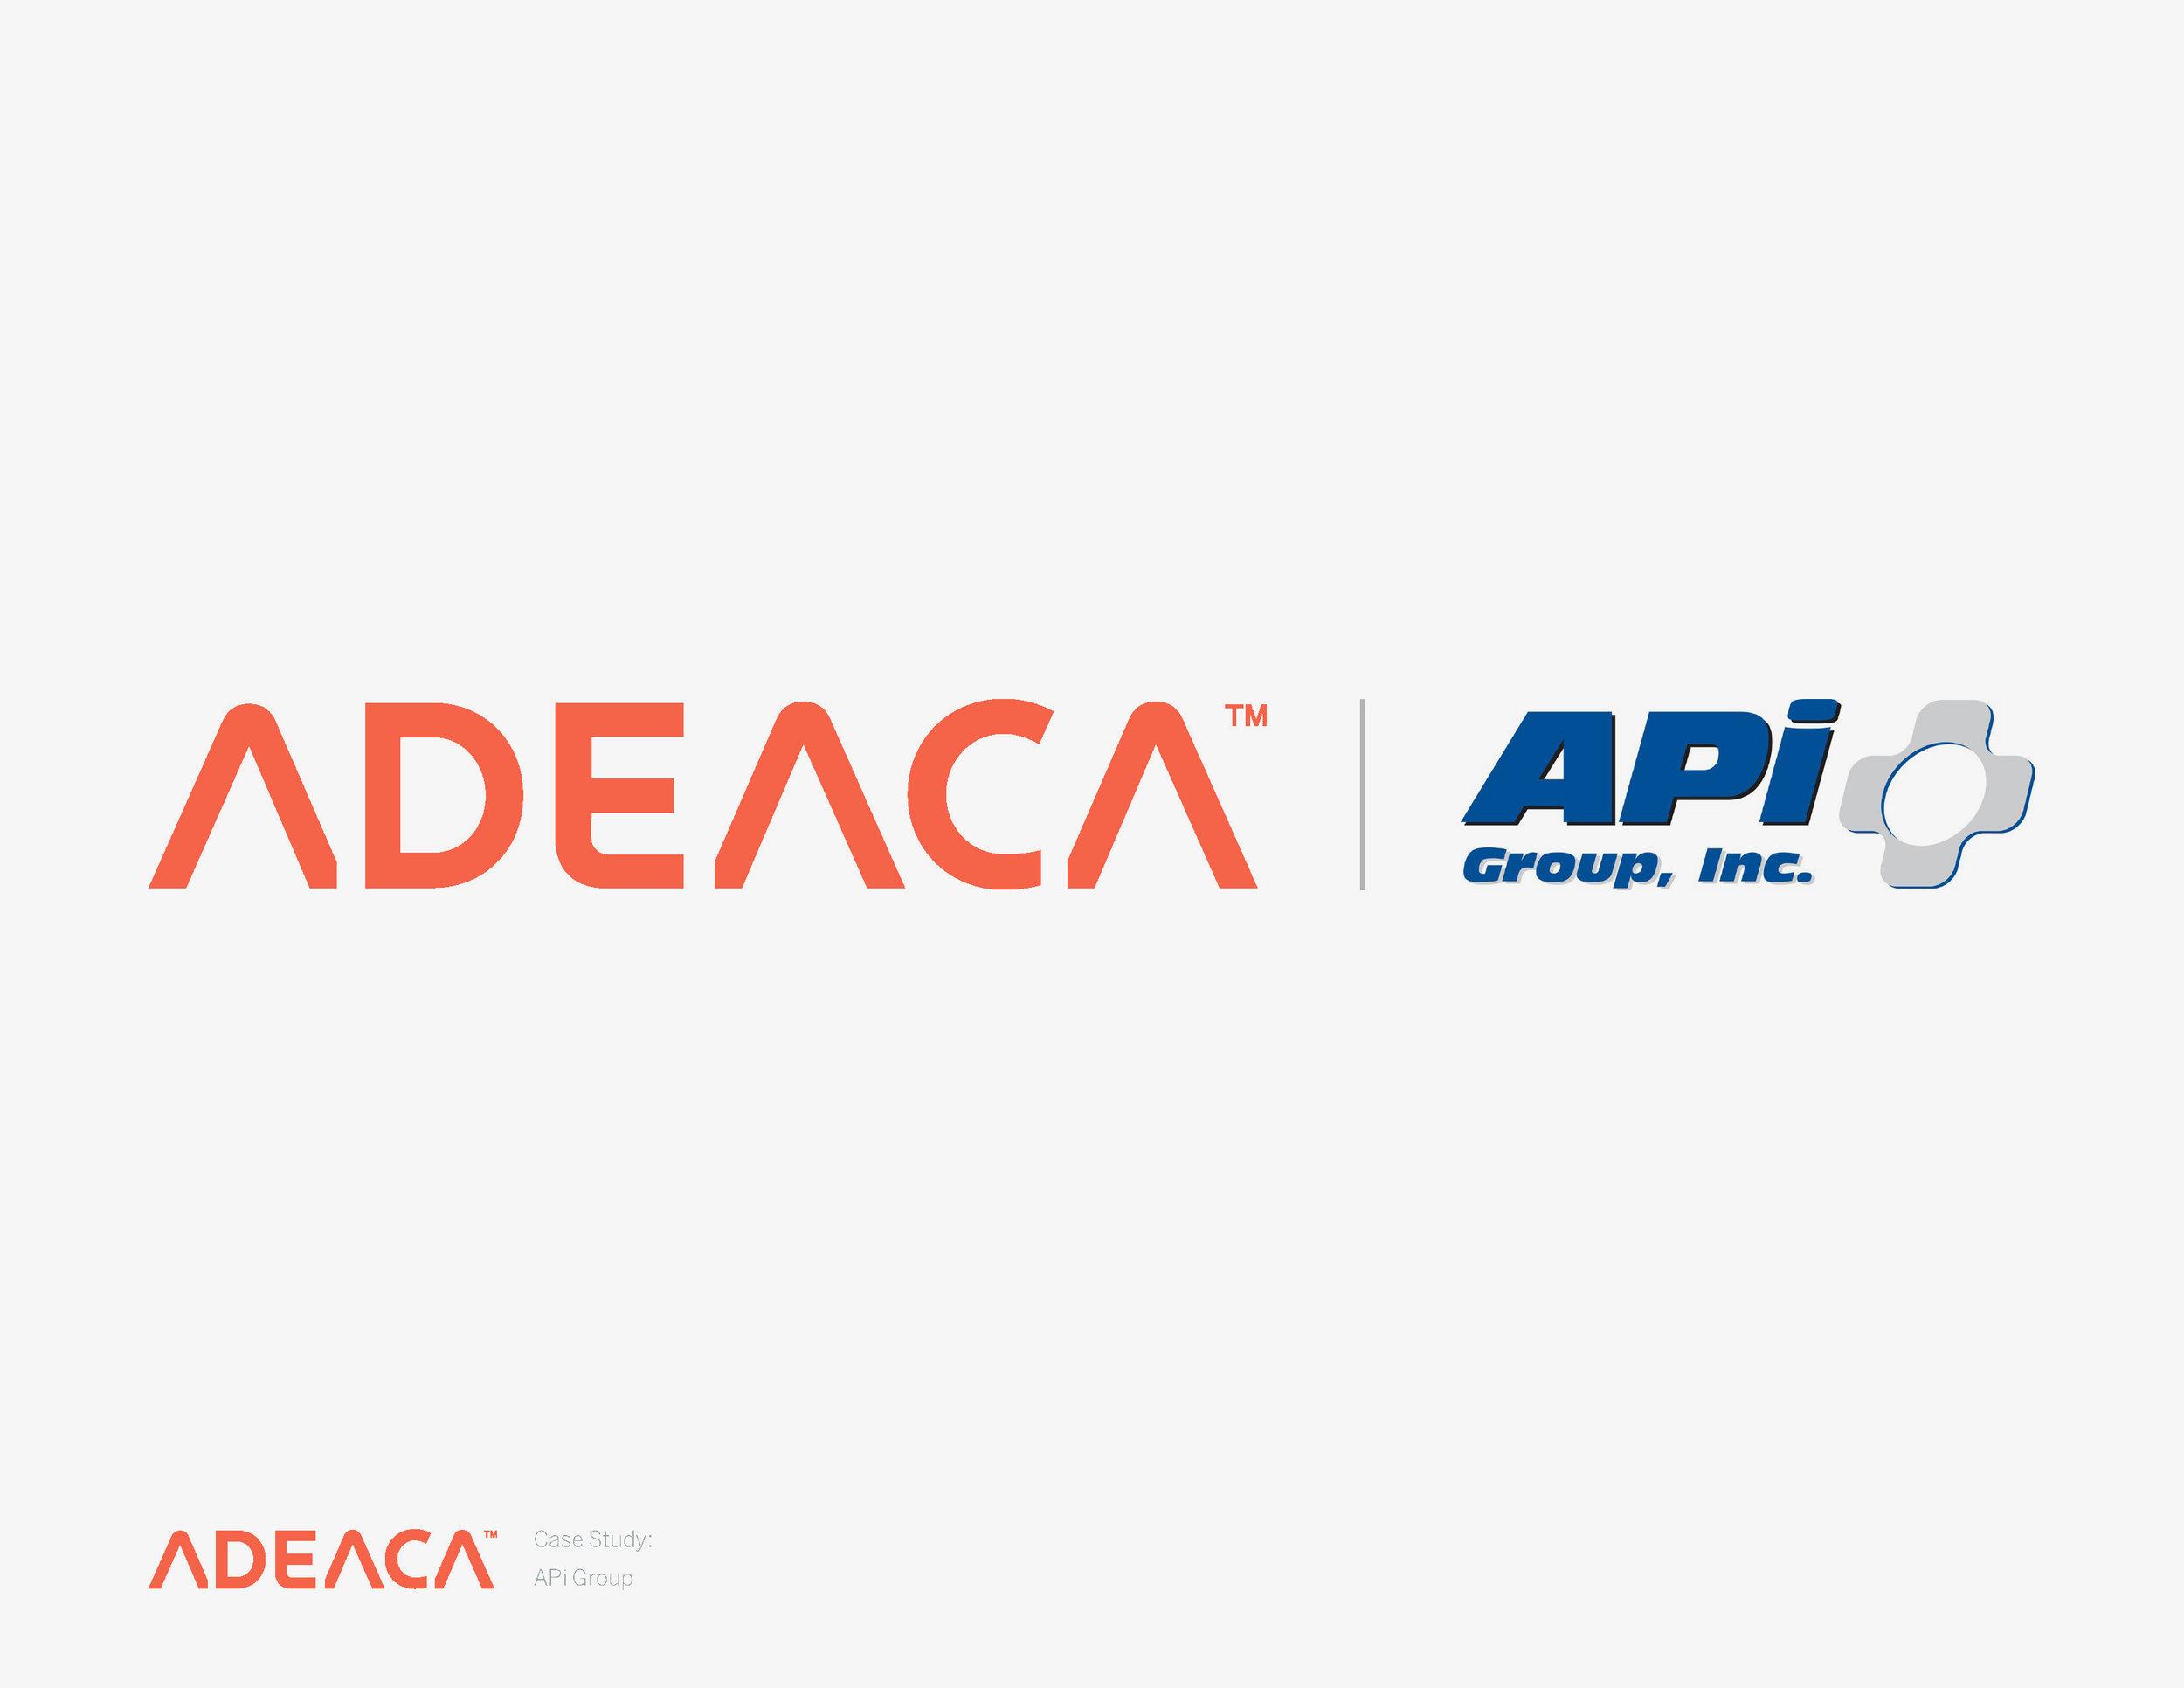 adeaca_pres_template_Page_01.jpg